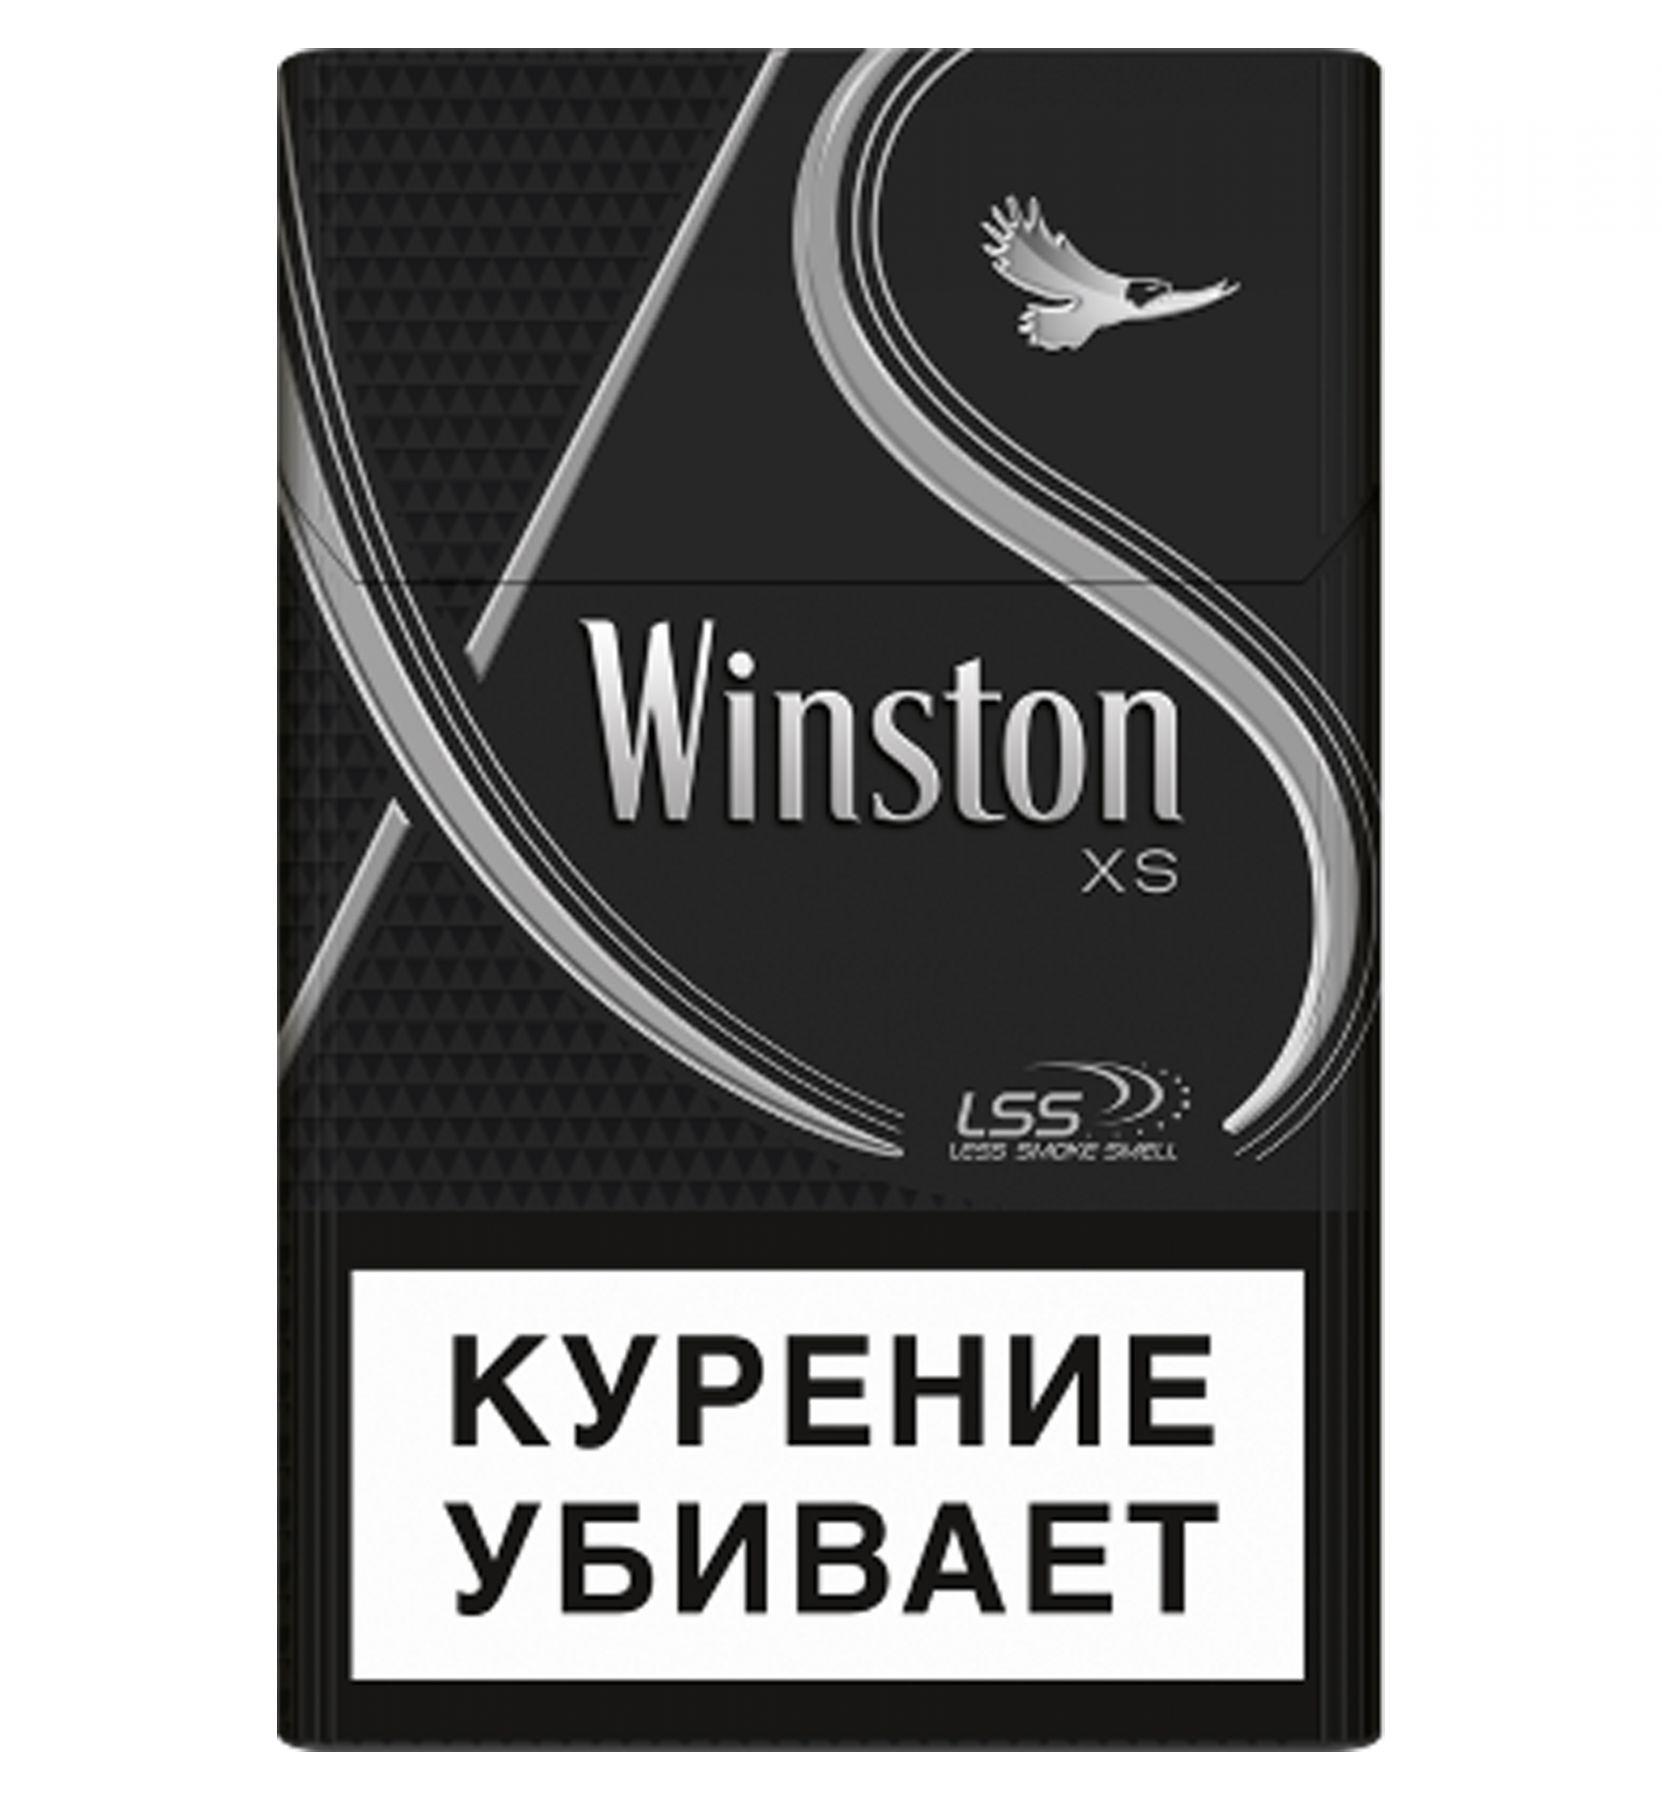 Сигареты винстон купить спб купить недорого электронную сигарету в новосибирске